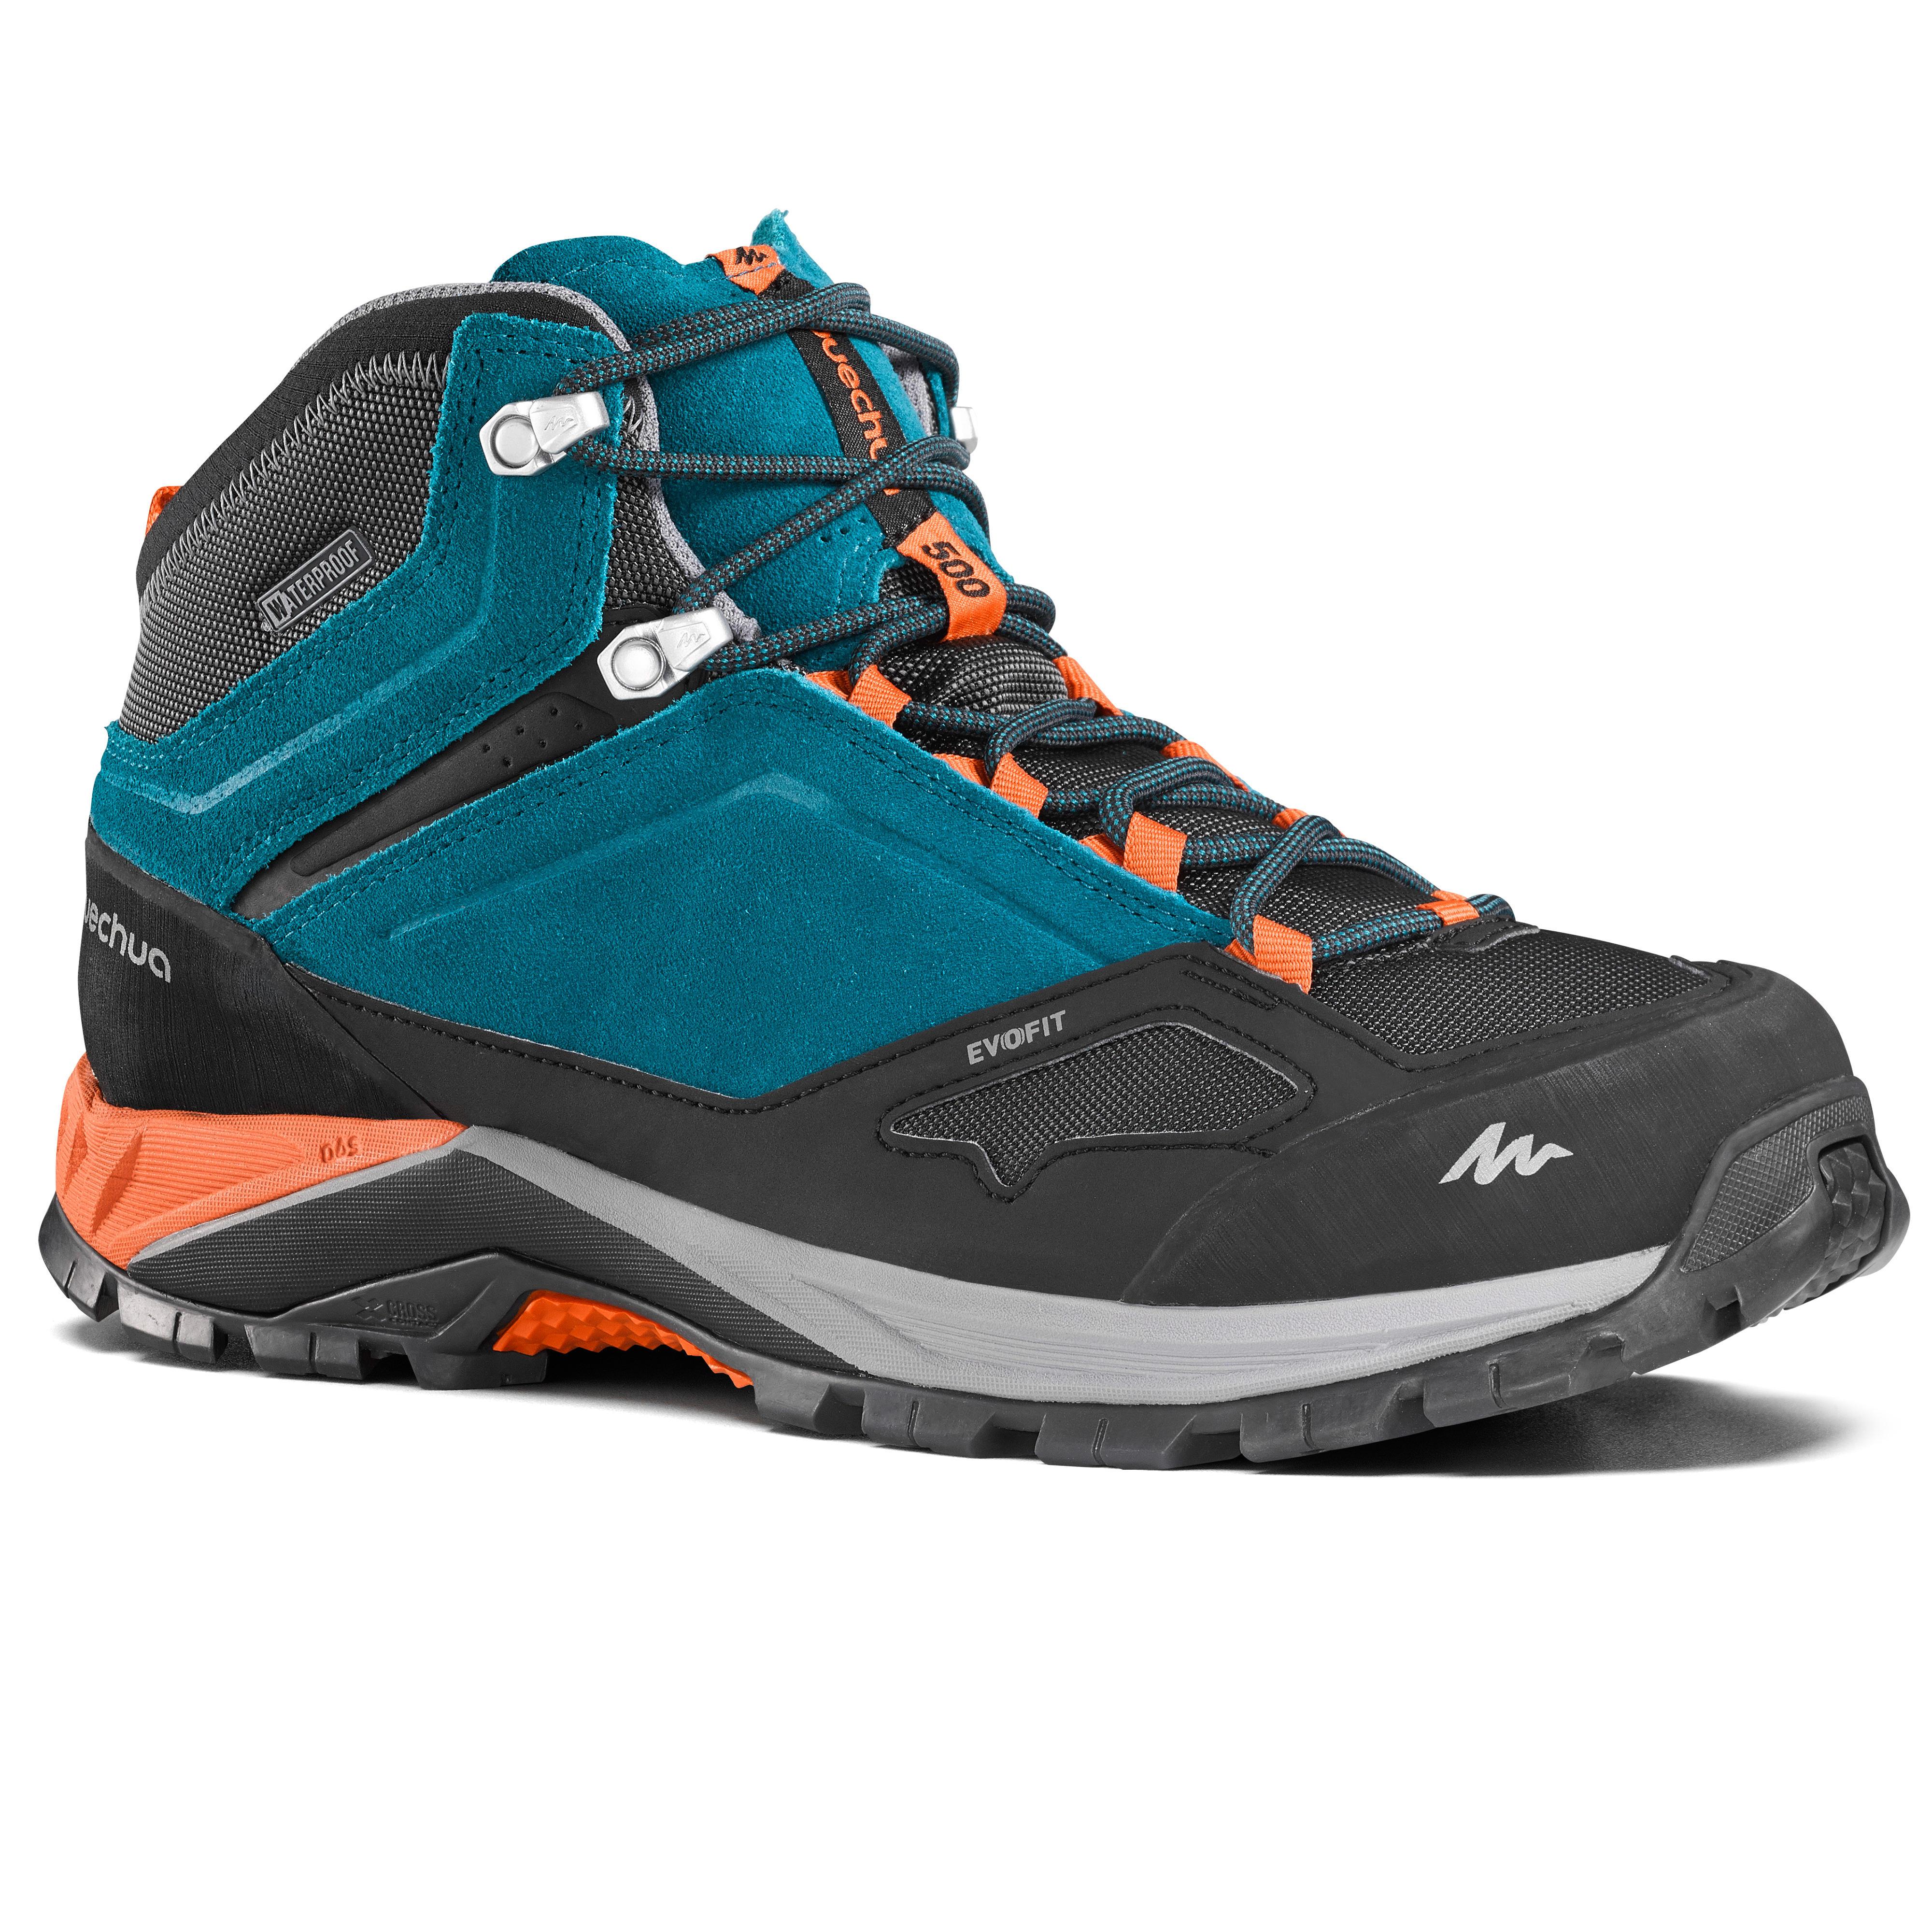 340895a7 Comprar Botas de Montaña y Trekking | Decathlon